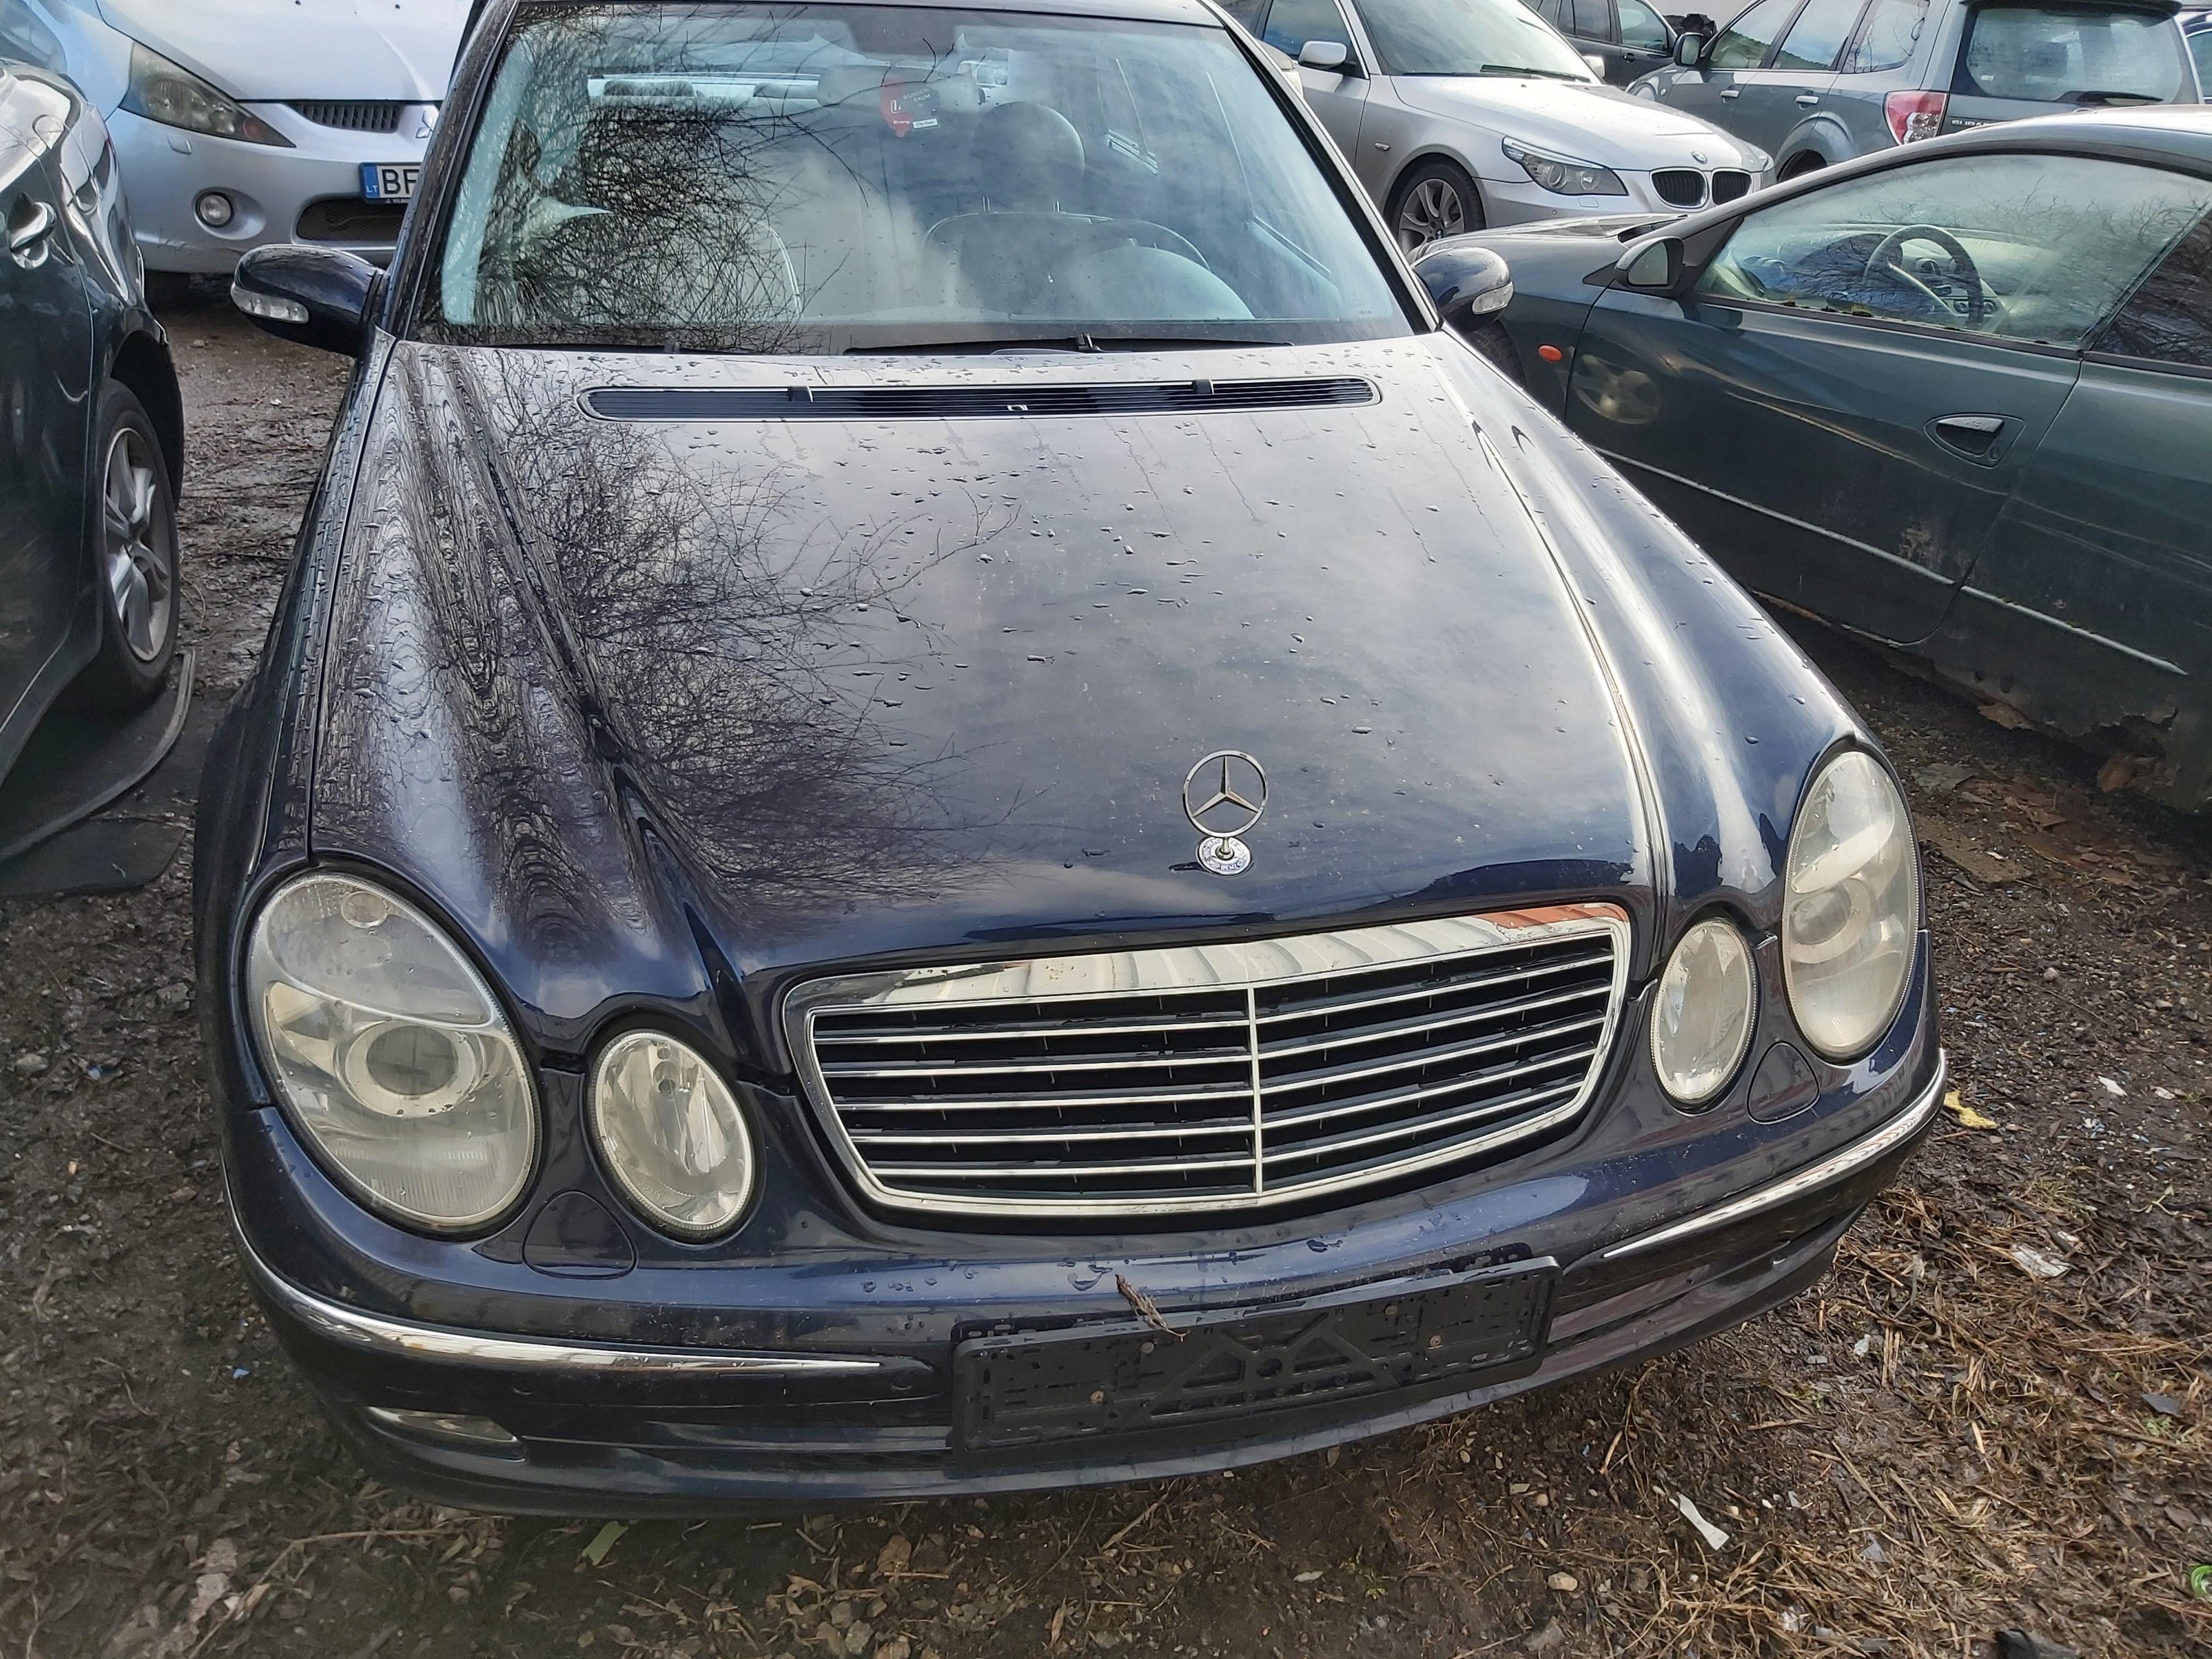 Foto-1 Mercedes-Benz E-CLASS W211, 2002.03 - 2006.04 2002 Dyzelis 2.7